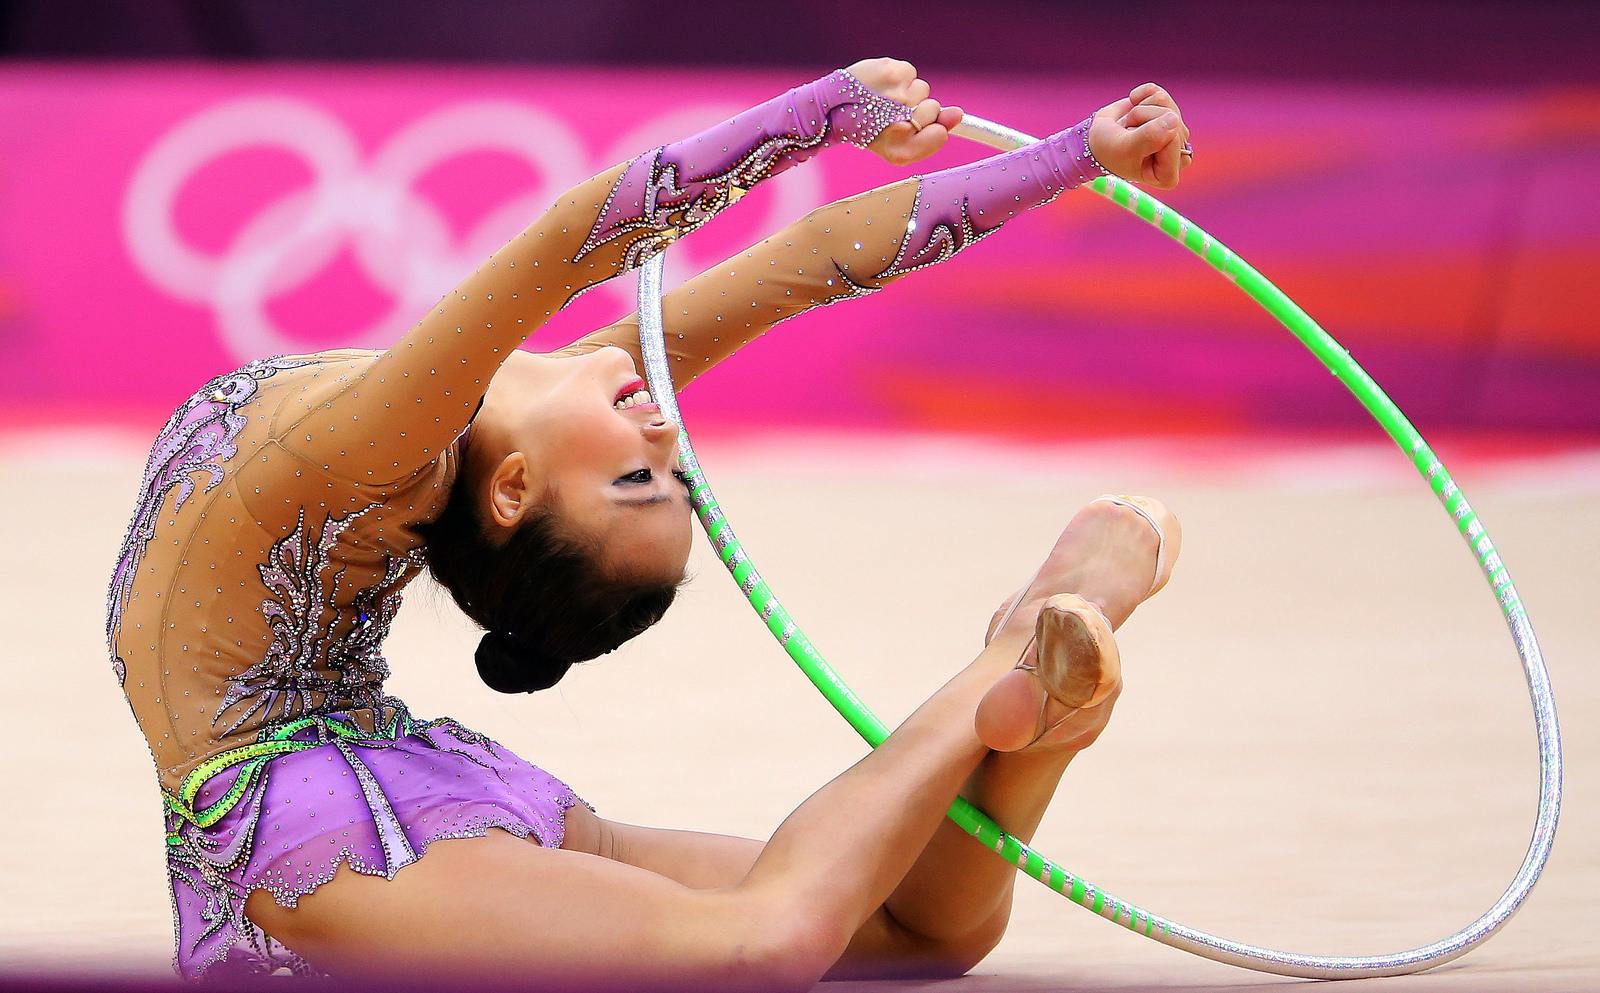 Wichtig ist bei den Bildern immer auch, ob Markenzeichen wie die olympischen Ringe zu sehen sind. Schmückt sich etwa der Account Korea.net auf Flickr in werblicher Weise mit ihnen? Foto: CC-BY-SA 2.0  KOREA.NET - Official page of the Republic of Korea